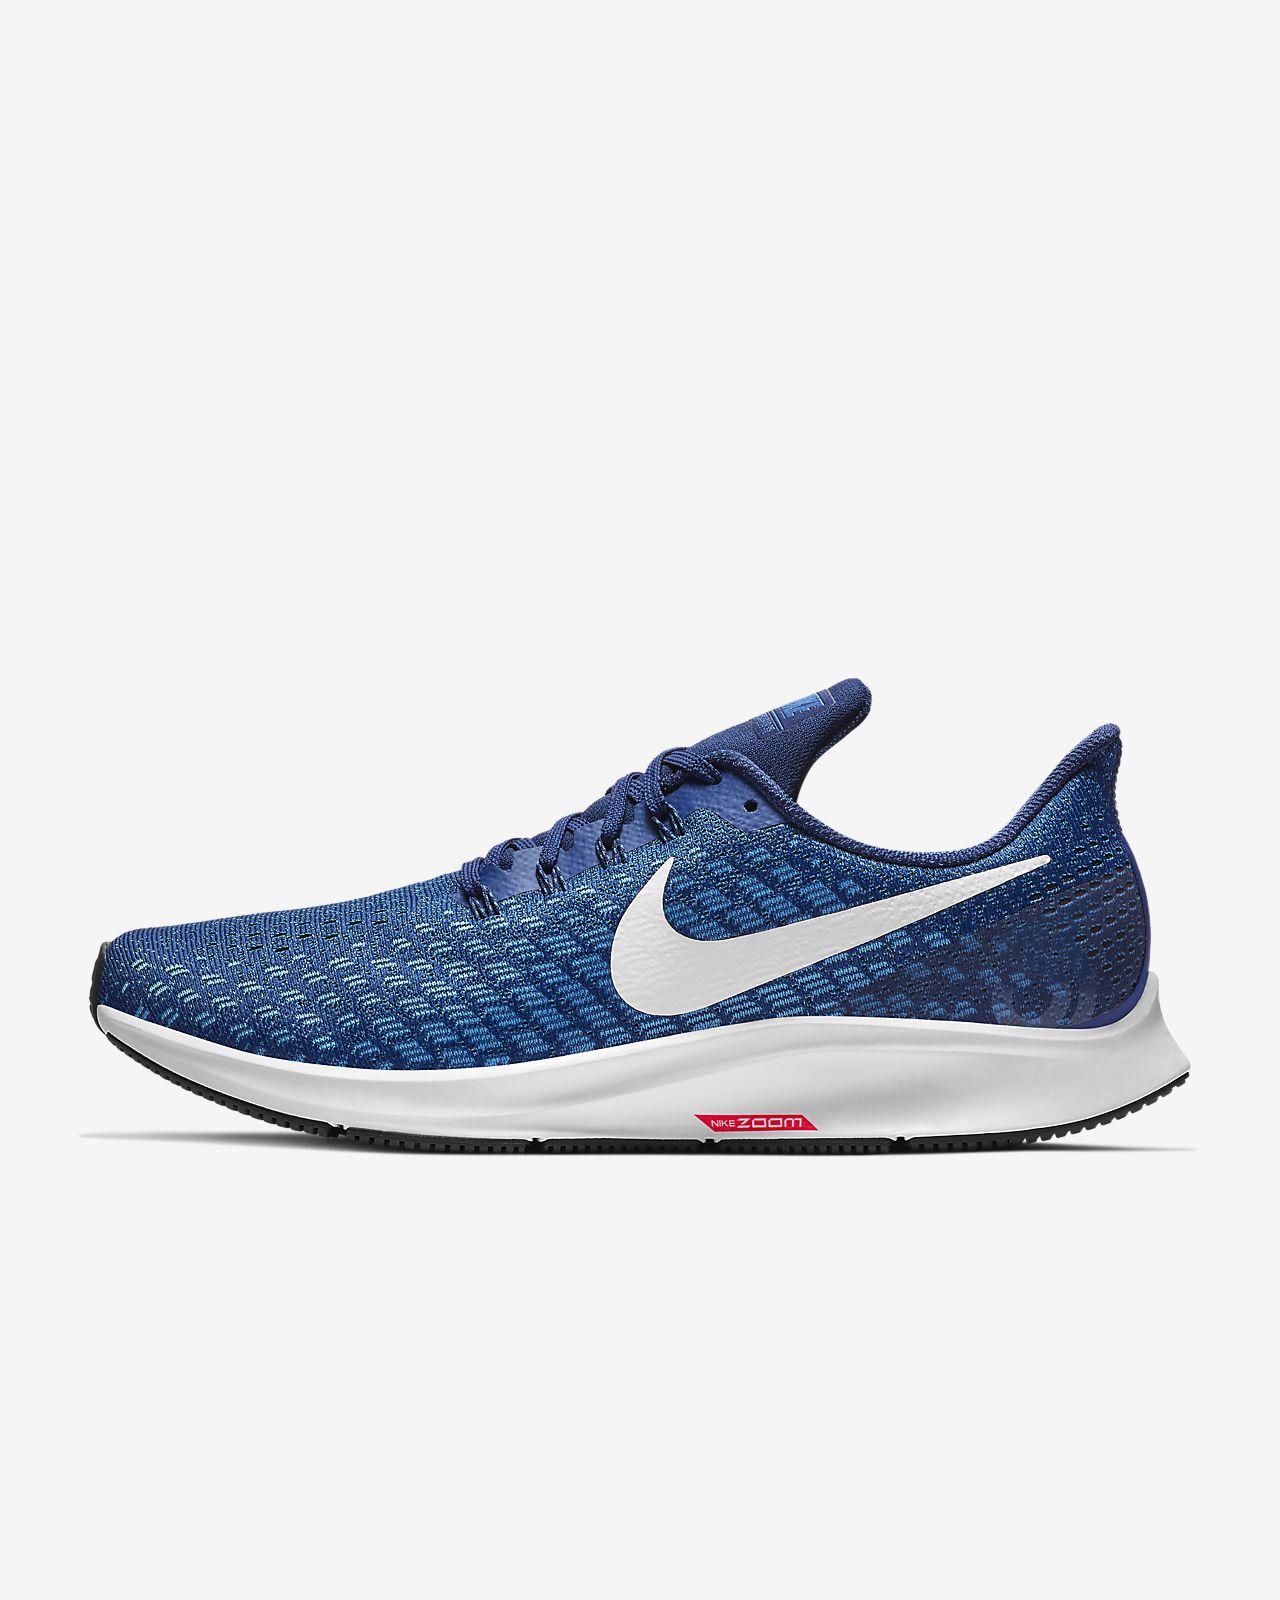 huge discount 49967 53ce9 ... Nike Air Zoom Pegasus 35-løbesko til mænd